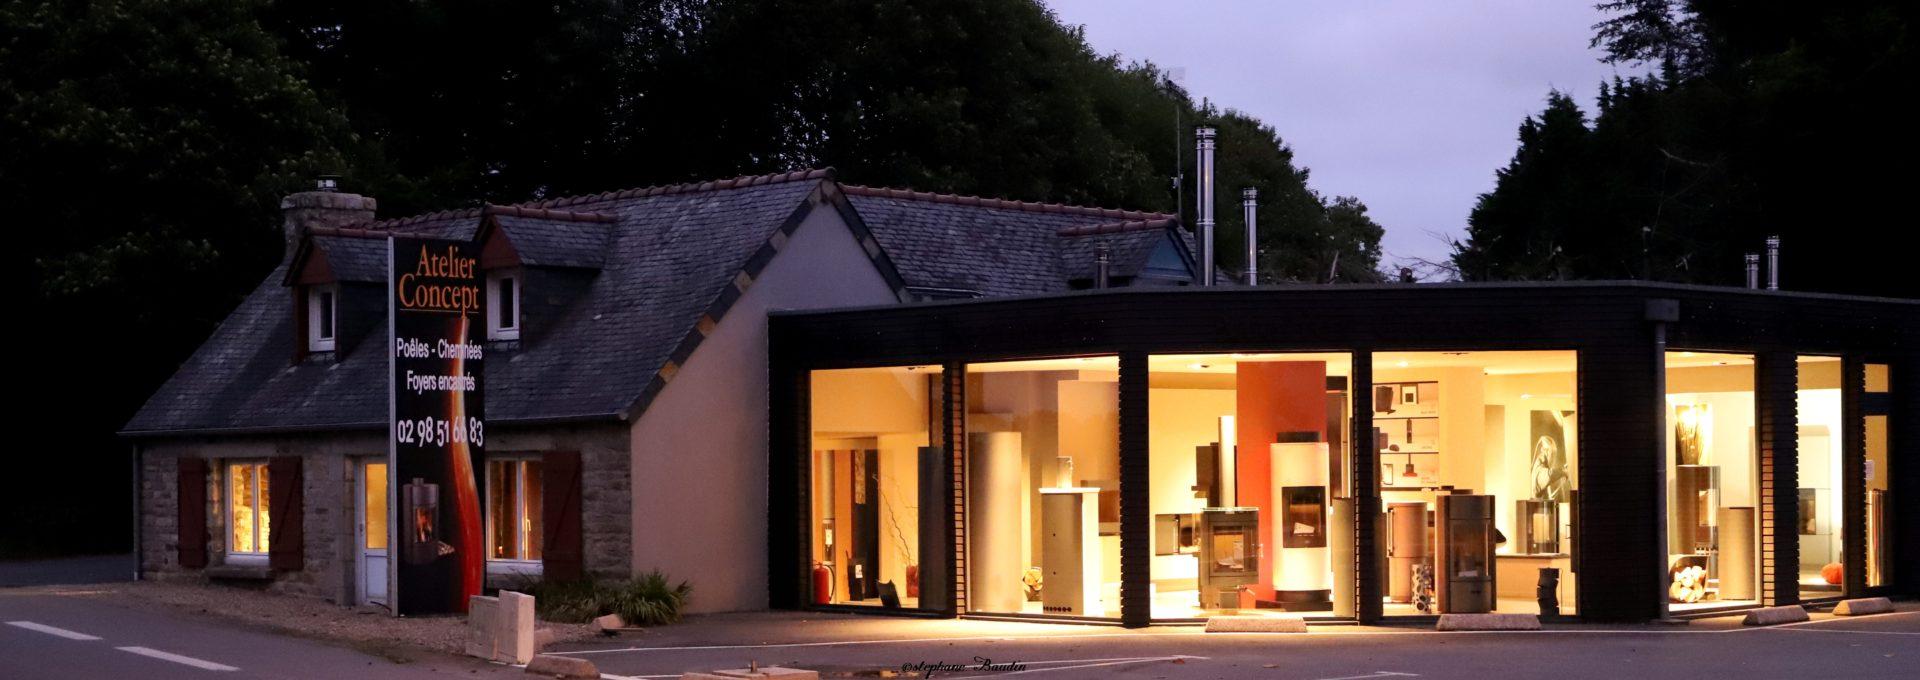 atelier-concept-devanture